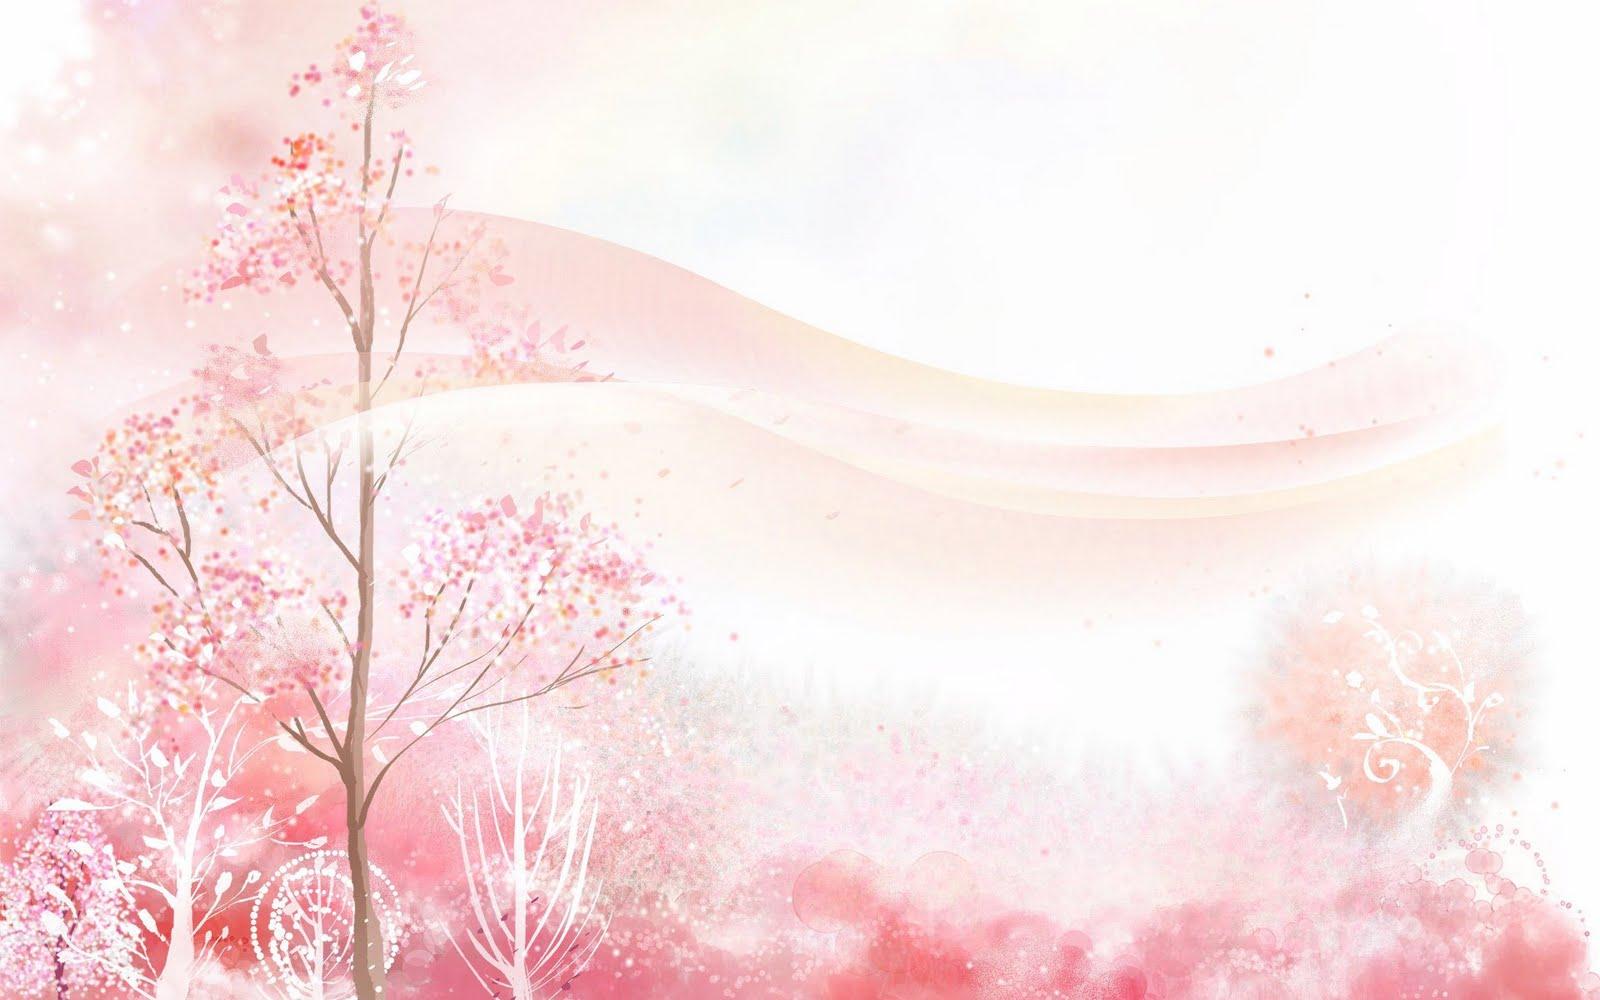 gambar dunia kartun fantasi yang cantik cantik